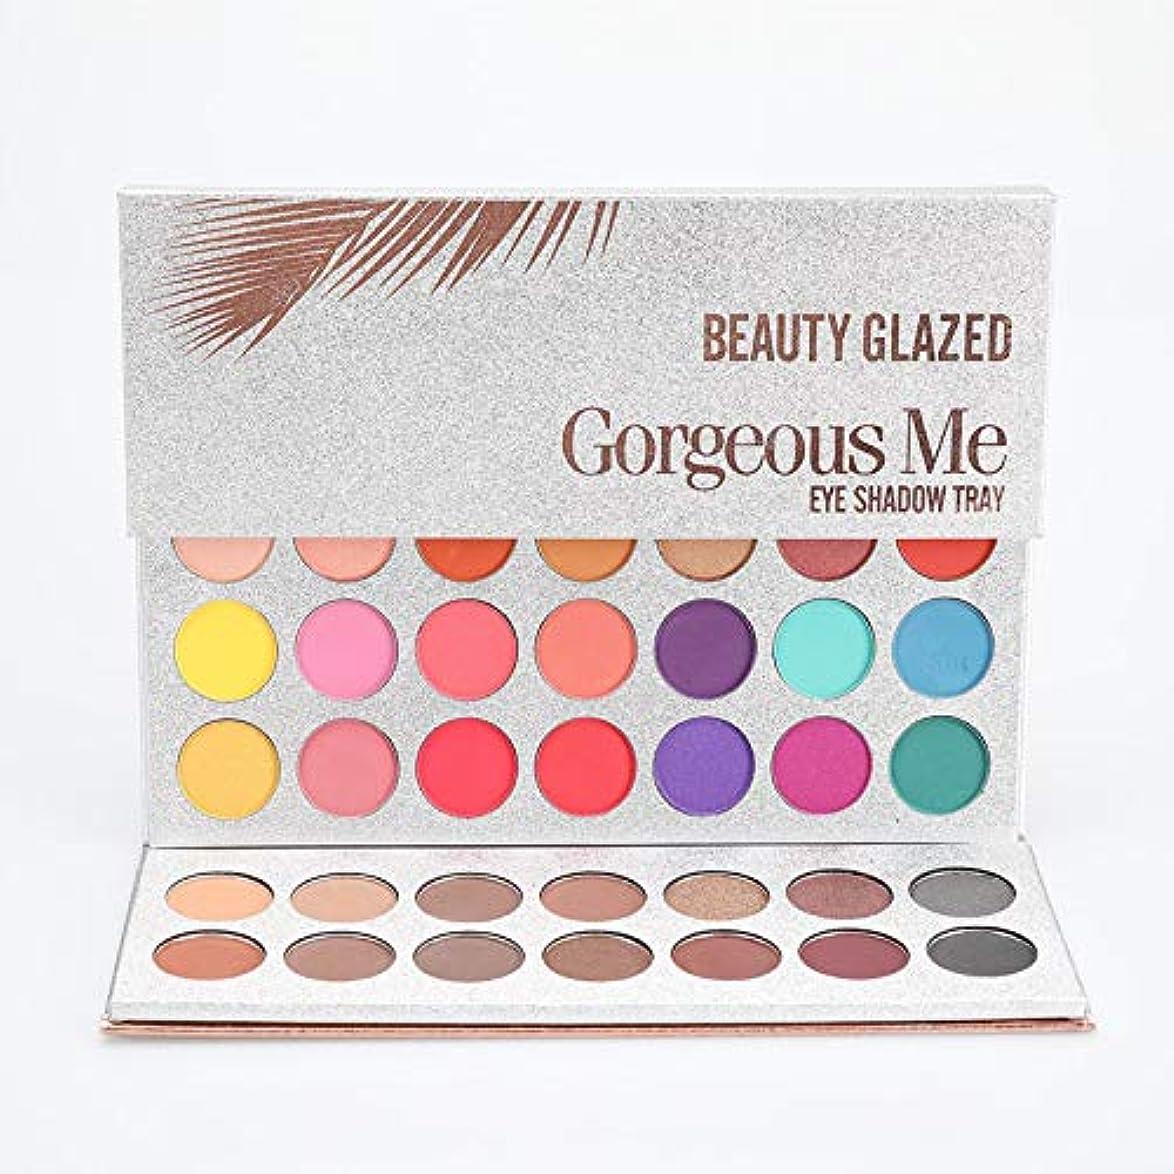 政治装置雪63 Color eyeshadow pallete Glitter Makeup Matte Eye shadow make up palette maquillage paleta de sombra 63色のアイシャドーパレエキラキラメイクアップマットアイシャドウメイクアップパレットマキアージュパレタデムブラブ